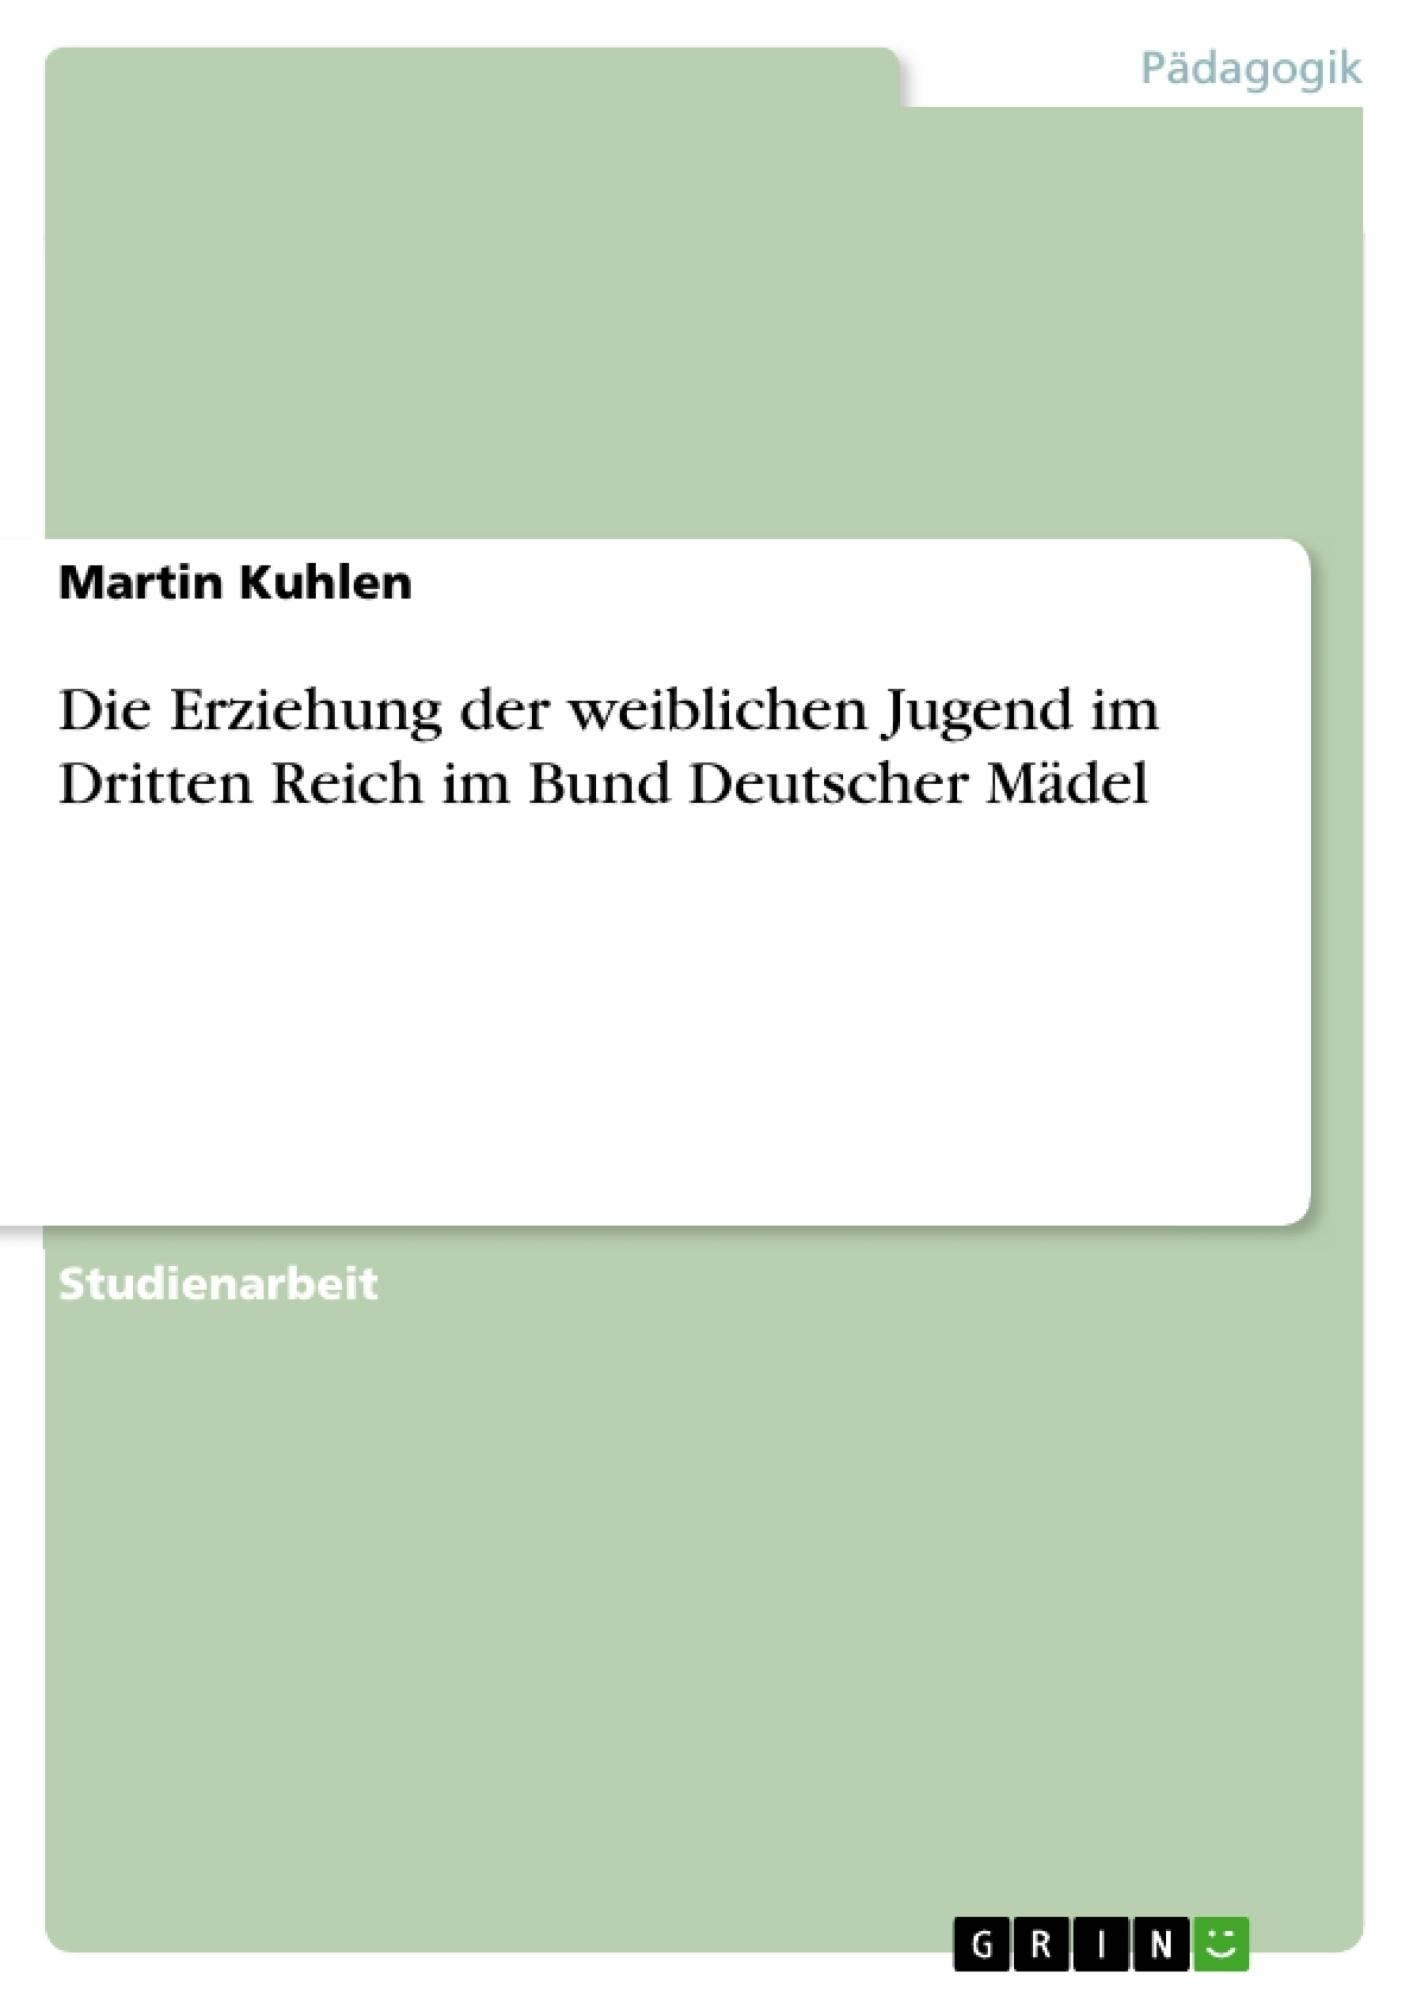 Titel: Die Erziehung der weiblichen Jugend im Dritten Reich im Bund Deutscher Mädel